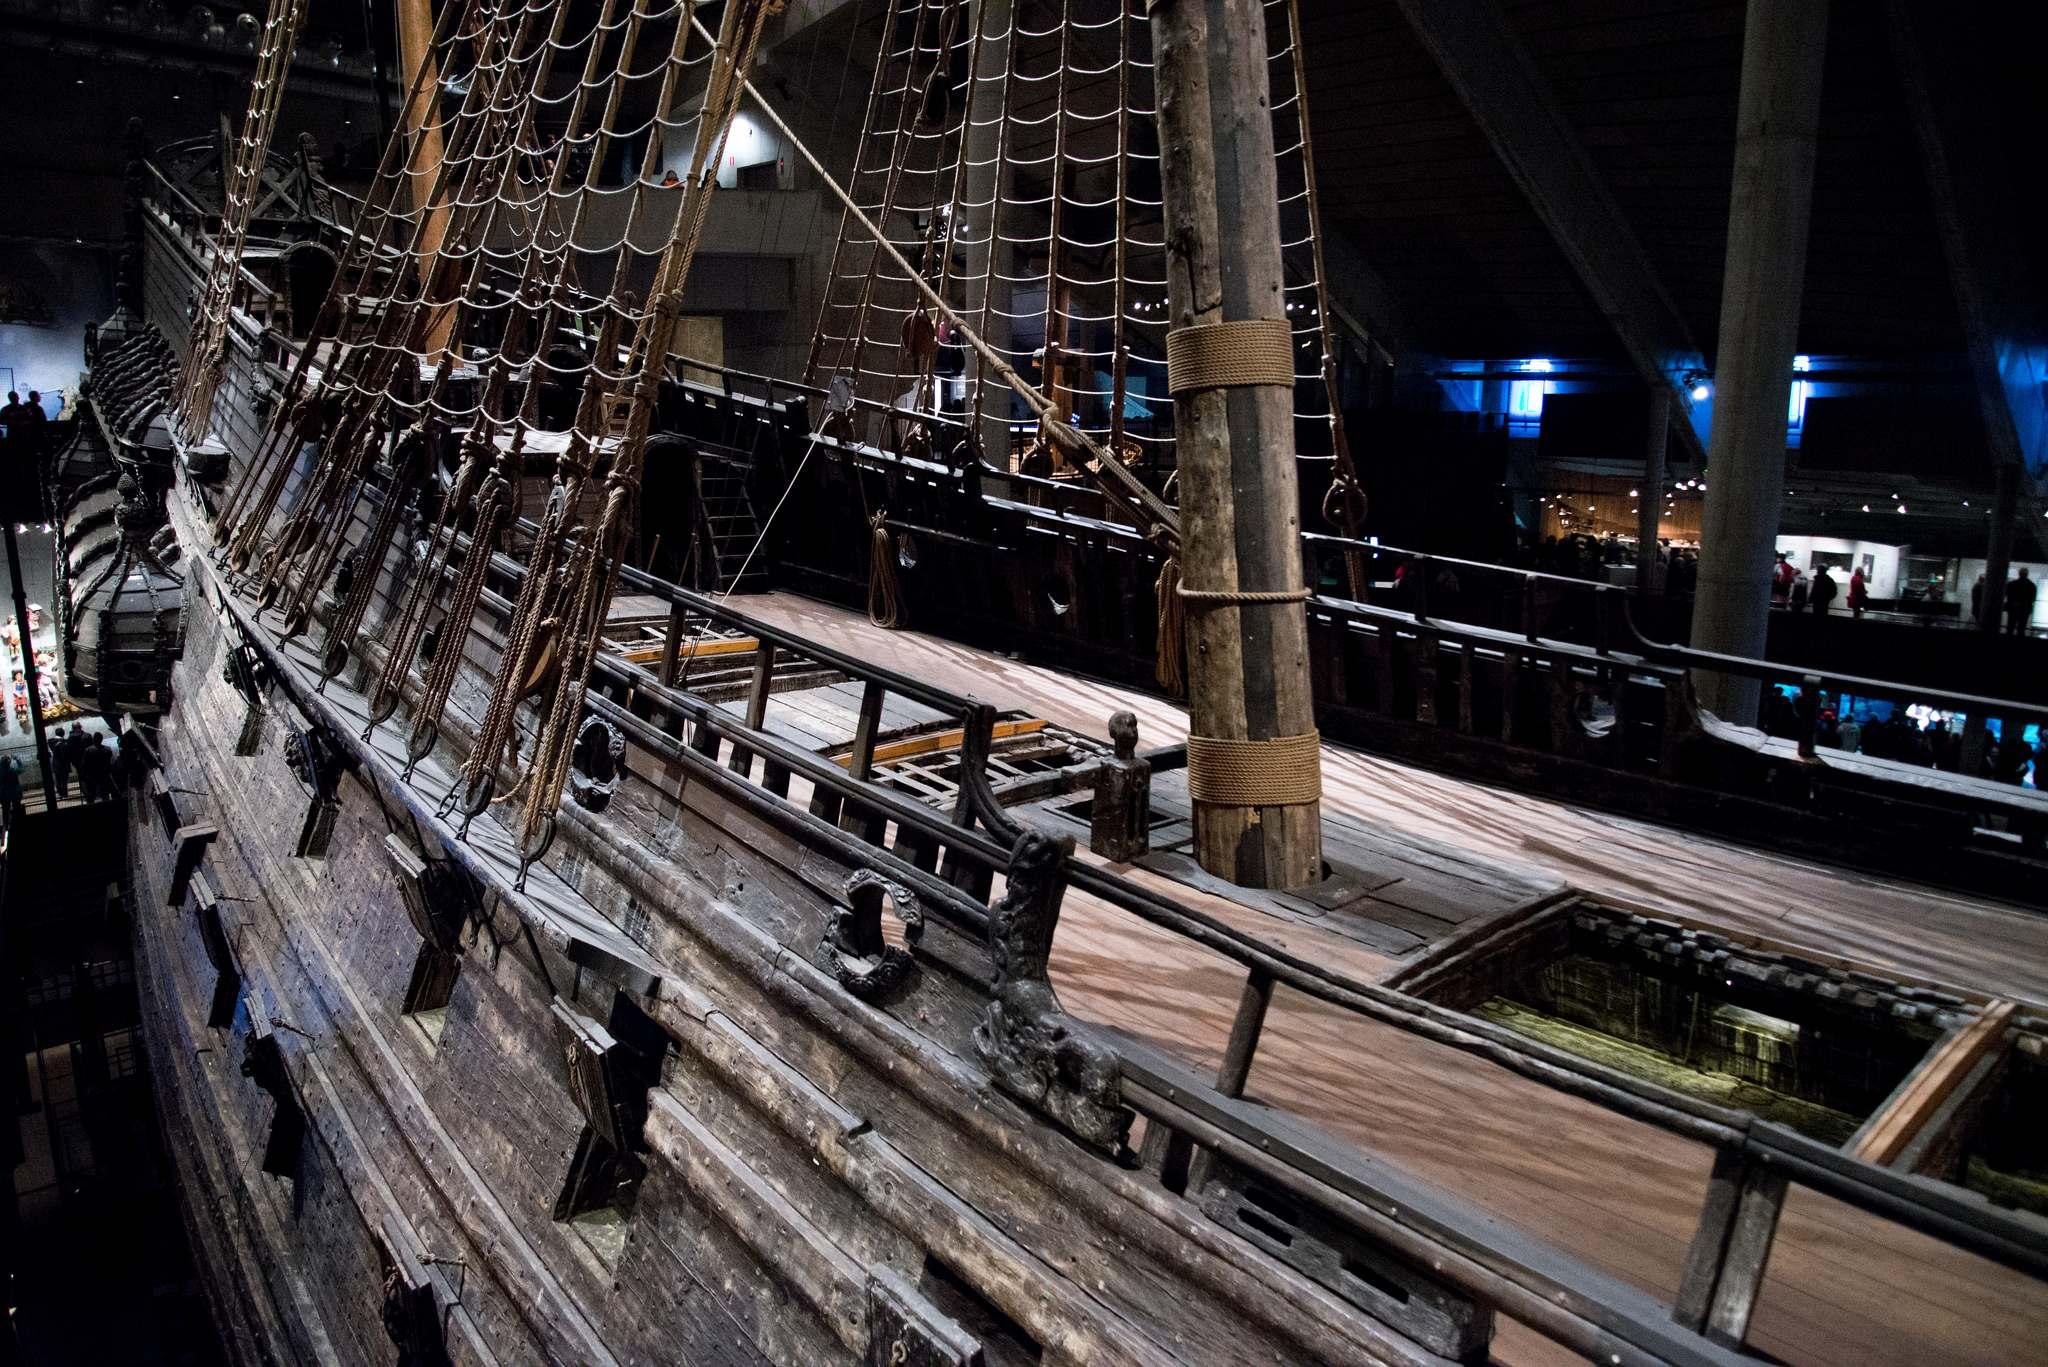 wasa4 Wasa   Swedish War Ship in Stockholm